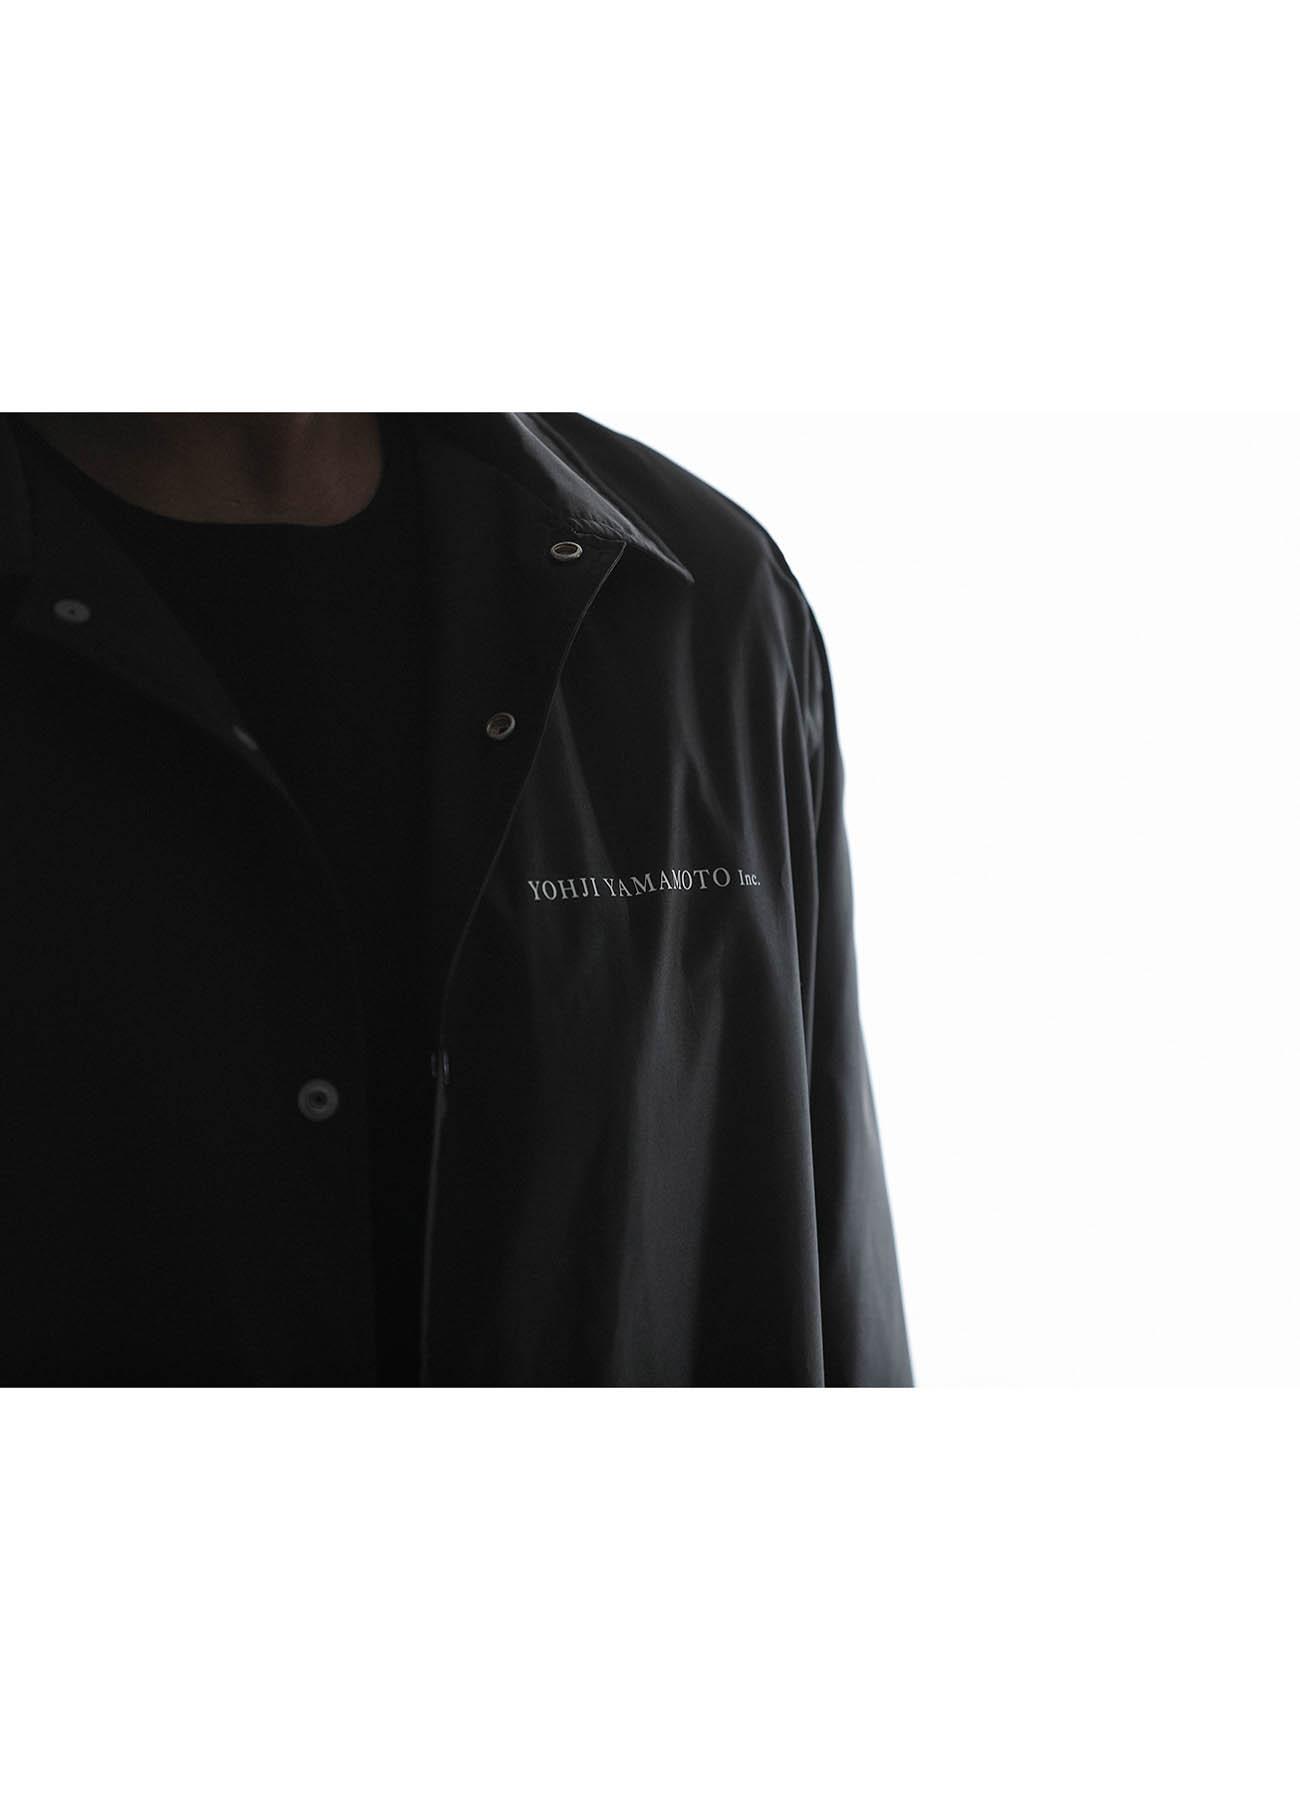 <Yohji Yamamoto All Brands Series> Nylon Coach Jacket